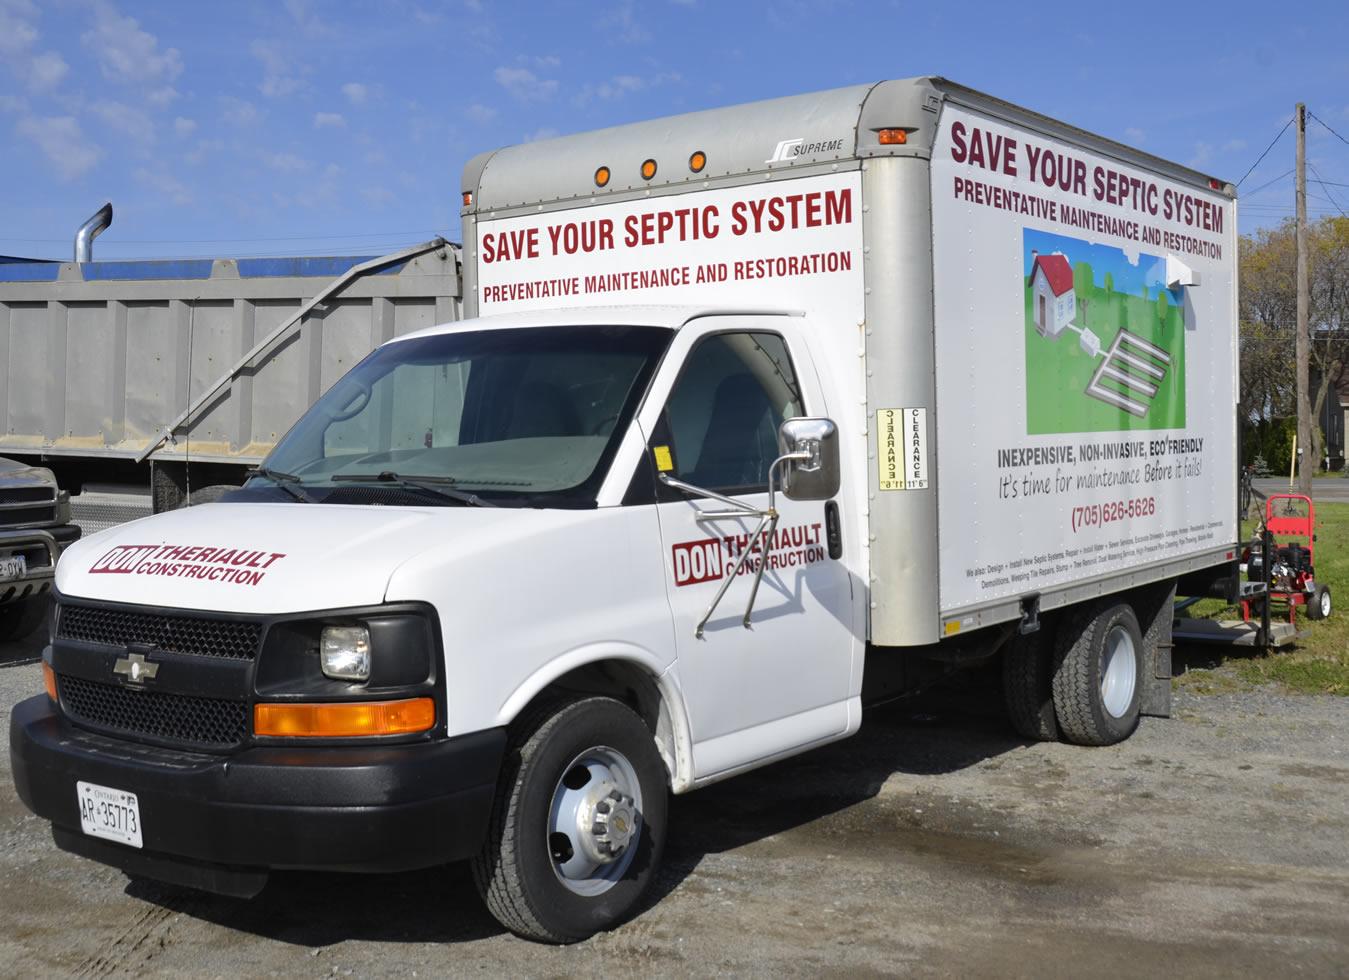 septic tank leaching bed maintenance repair bacteria cube van